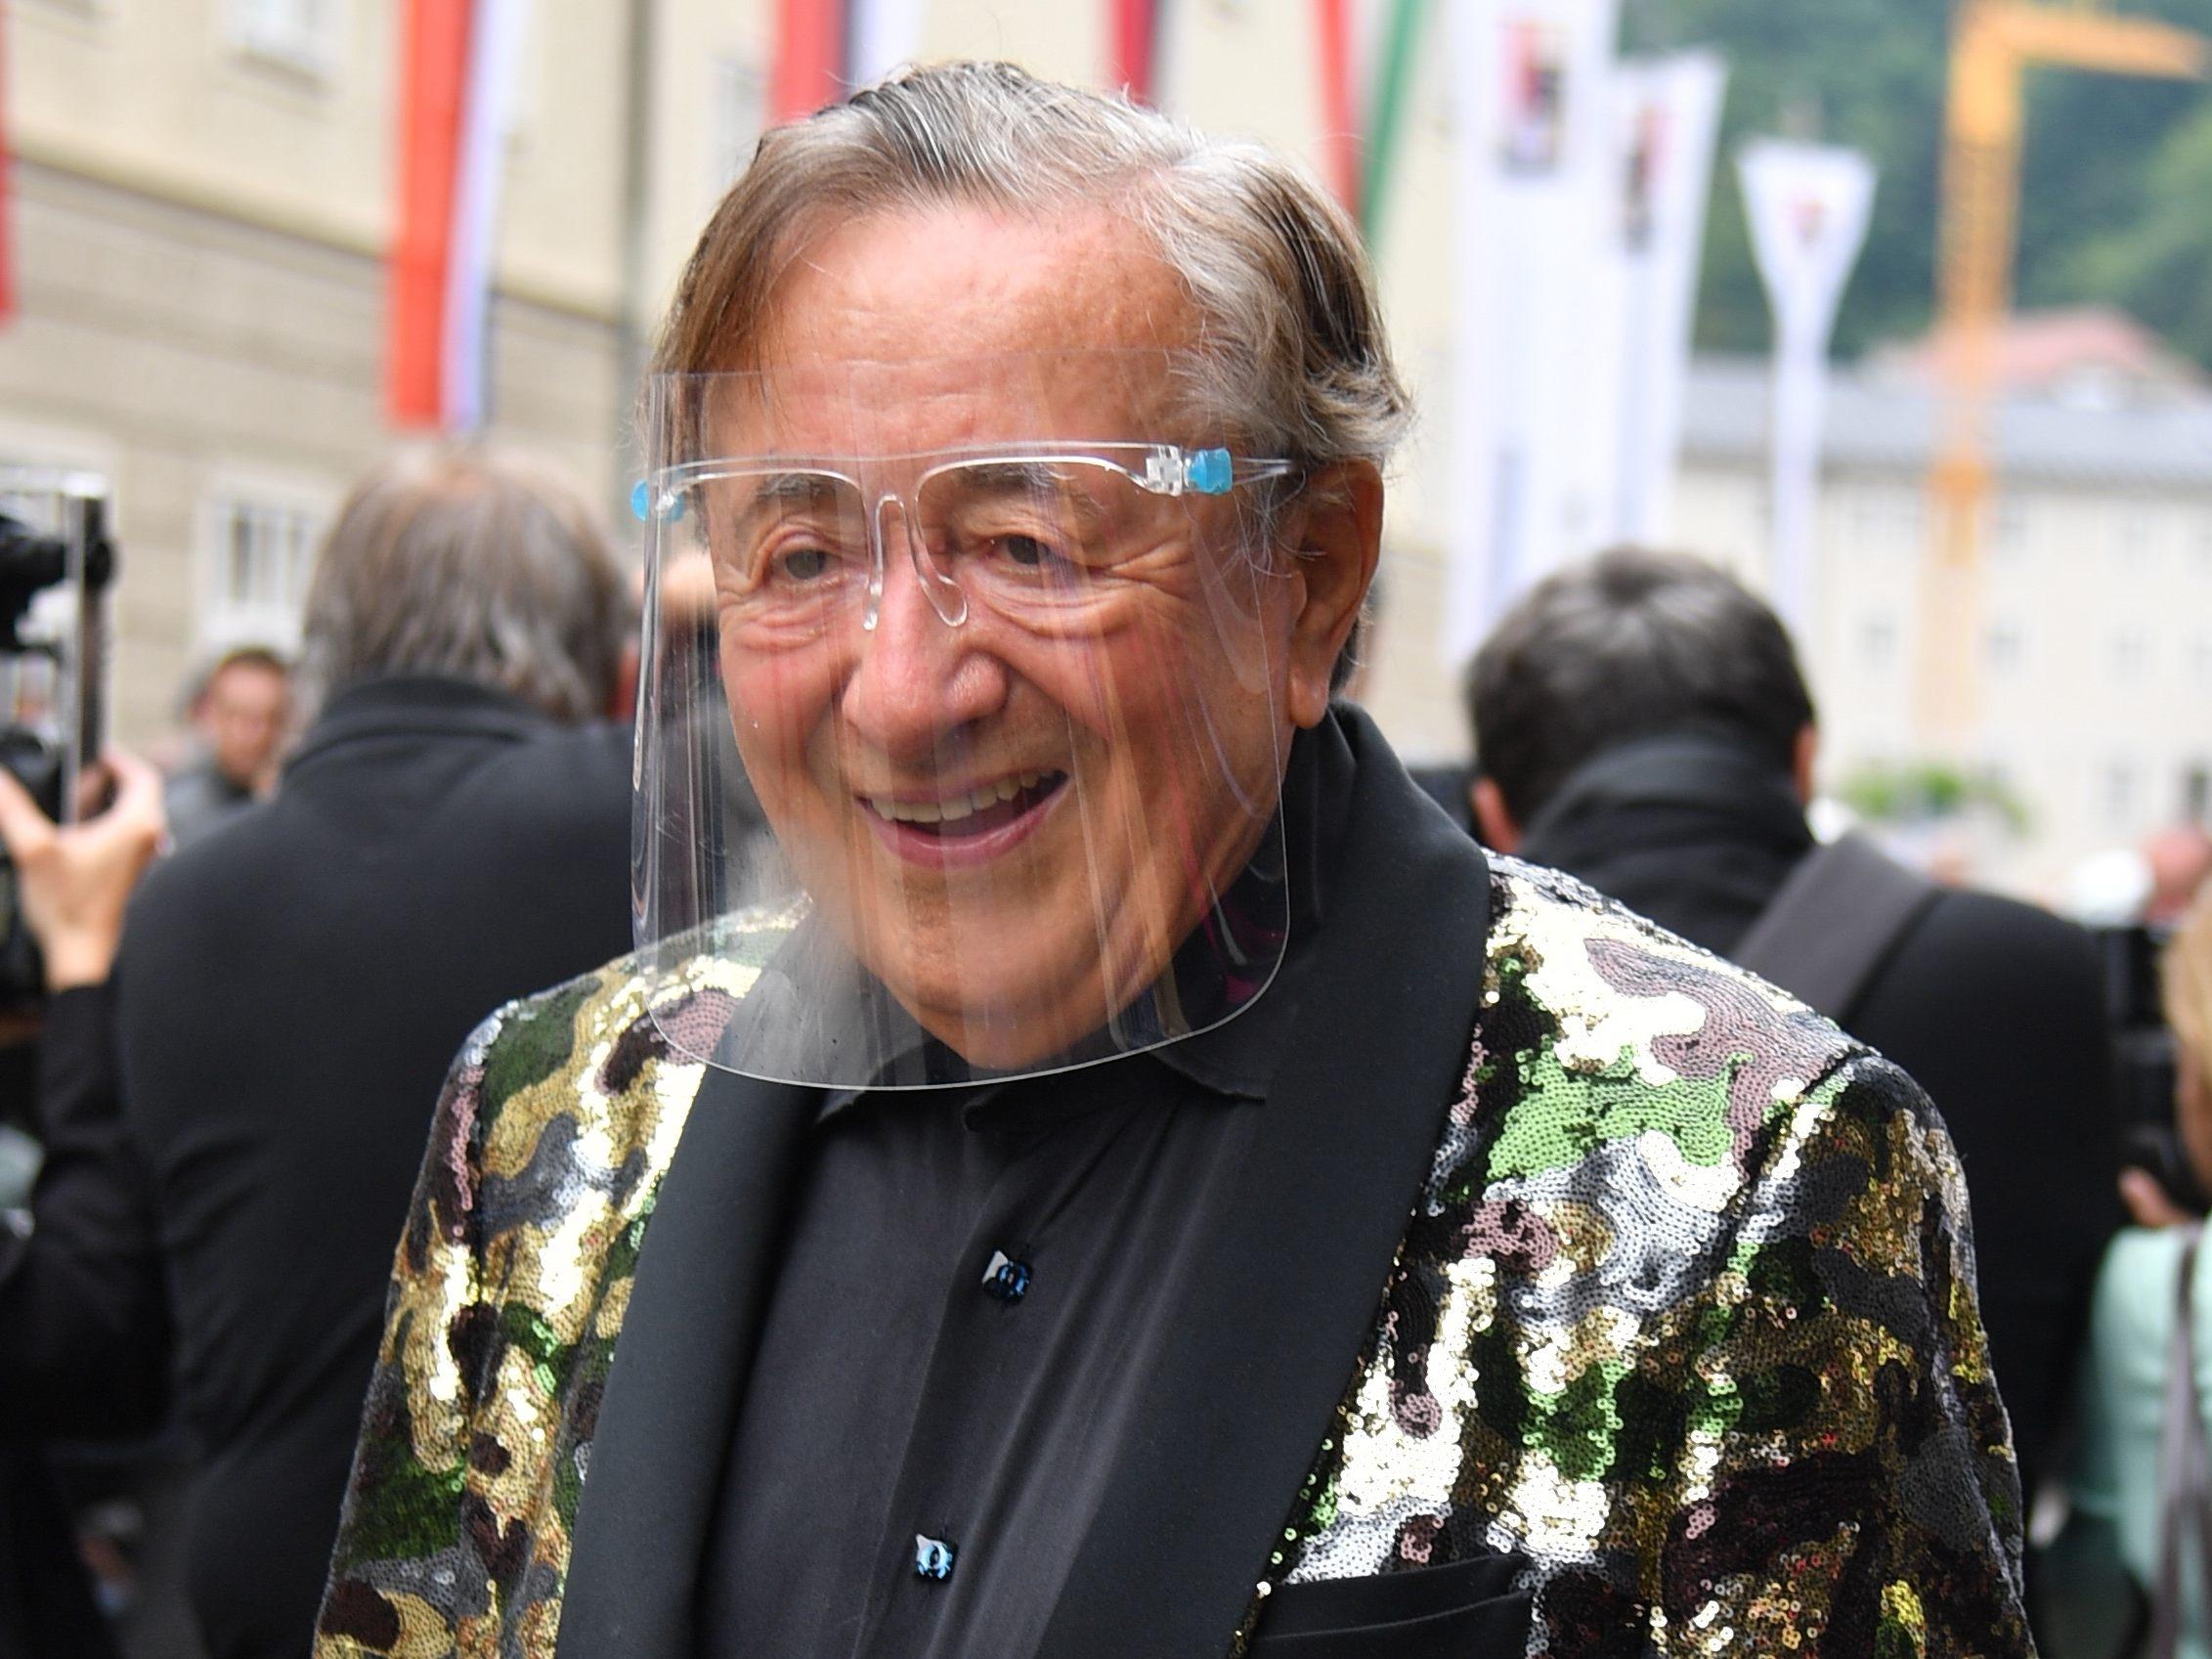 Richard Lugner nach Sturz mit Knochenbruch in Wiener Spital